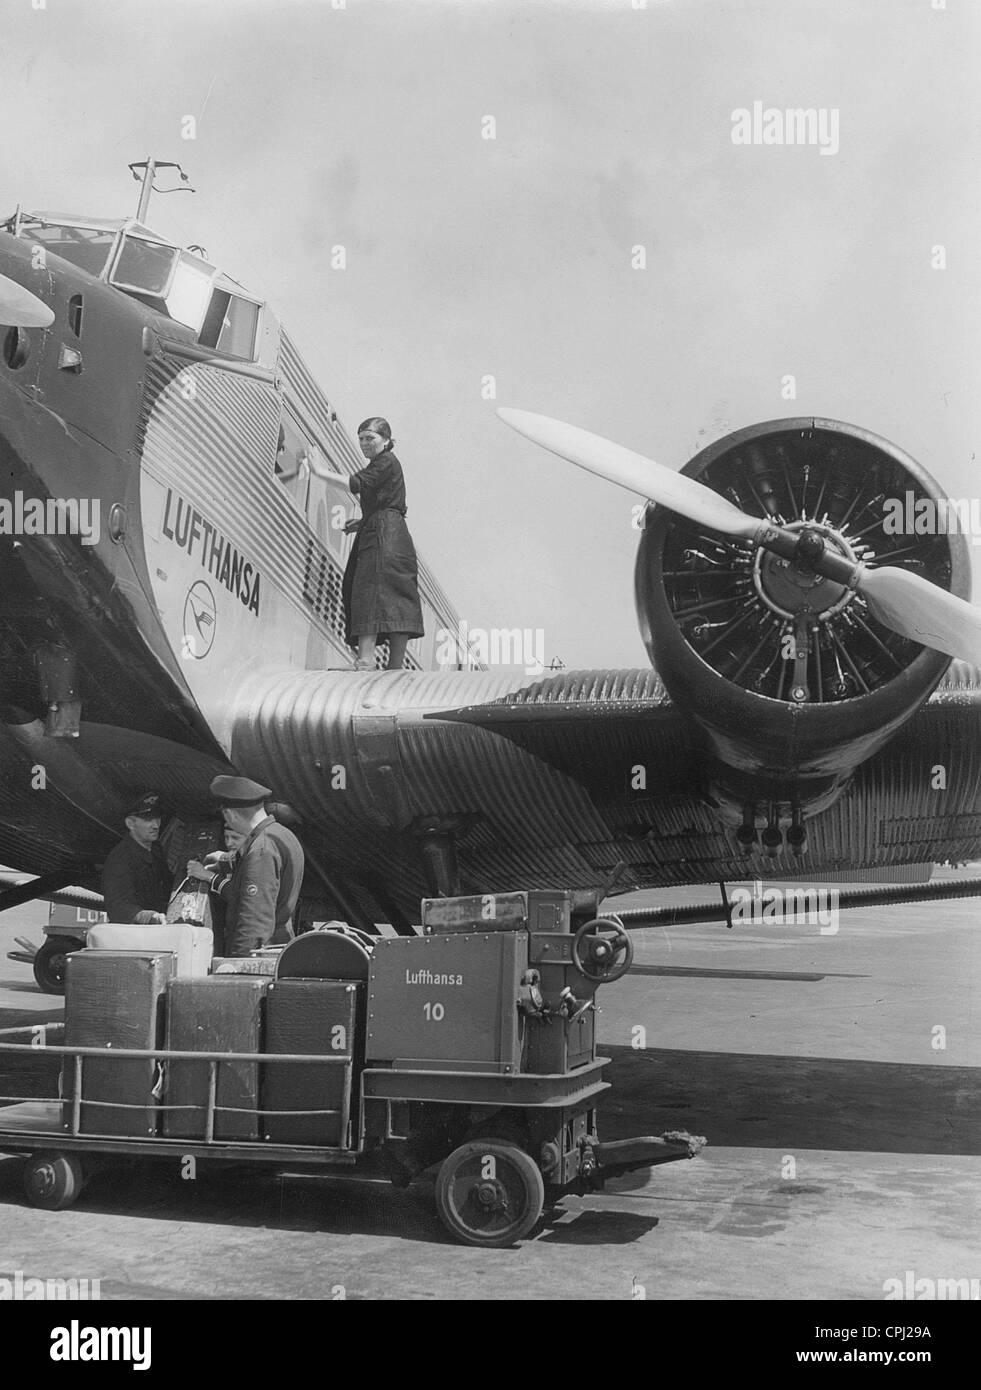 Junkers Berlin junkers ju 52 at airport tempelhof in berlin 1939 stock photo royalty free image 48340134 alamy